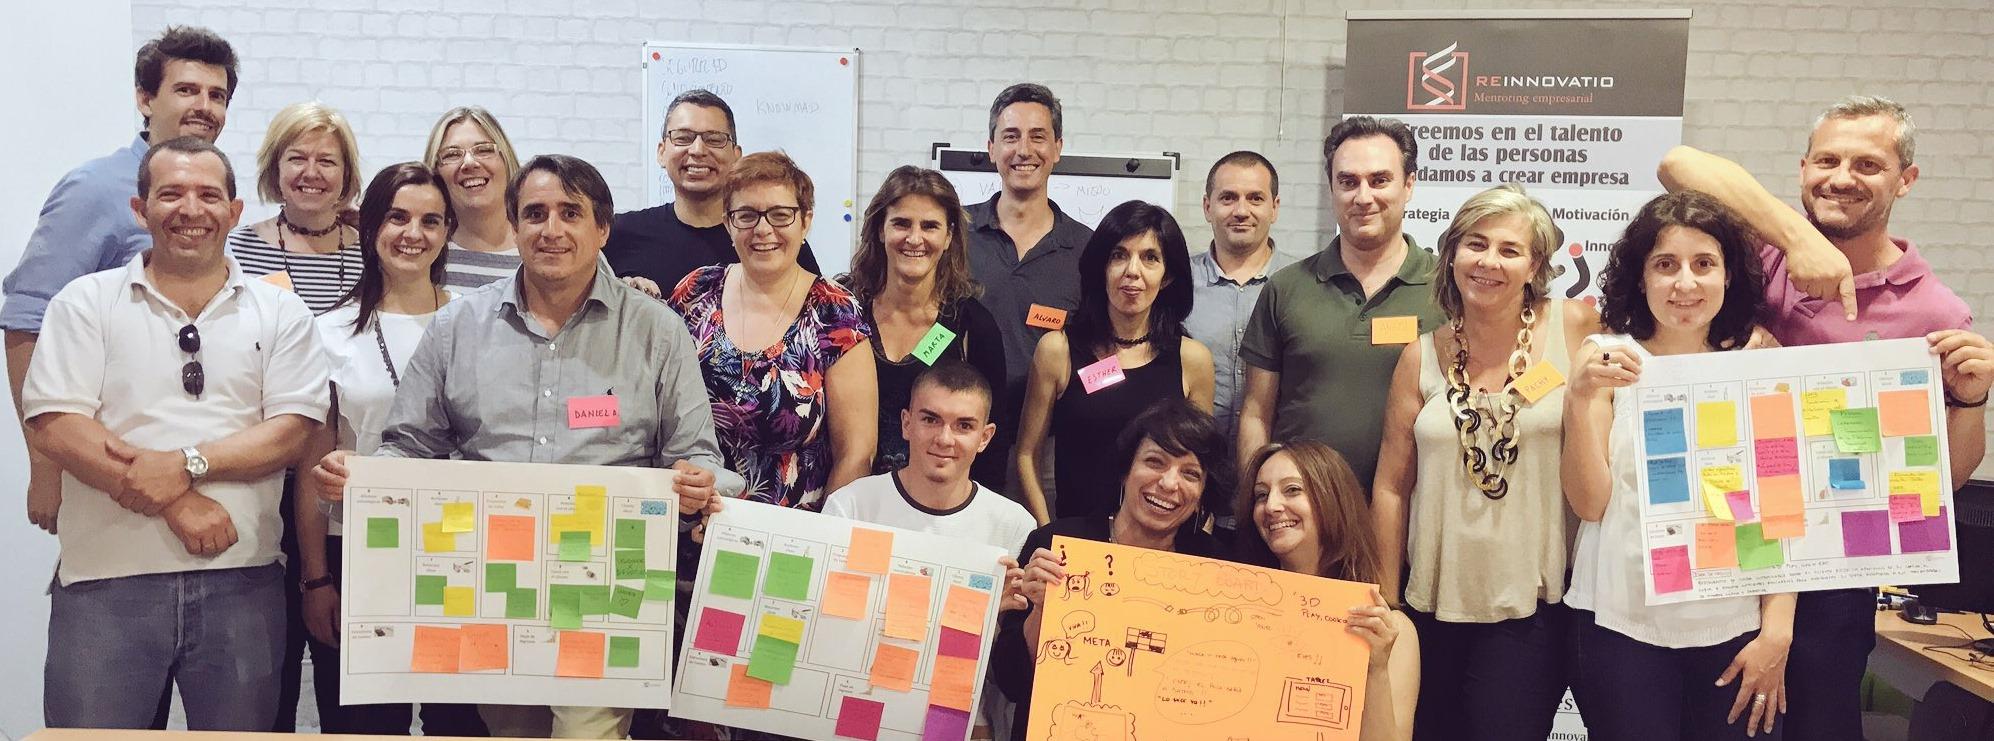 Foto de los participantes en la 1ª edición de la Jornda Aprende, Diseña y Emprende